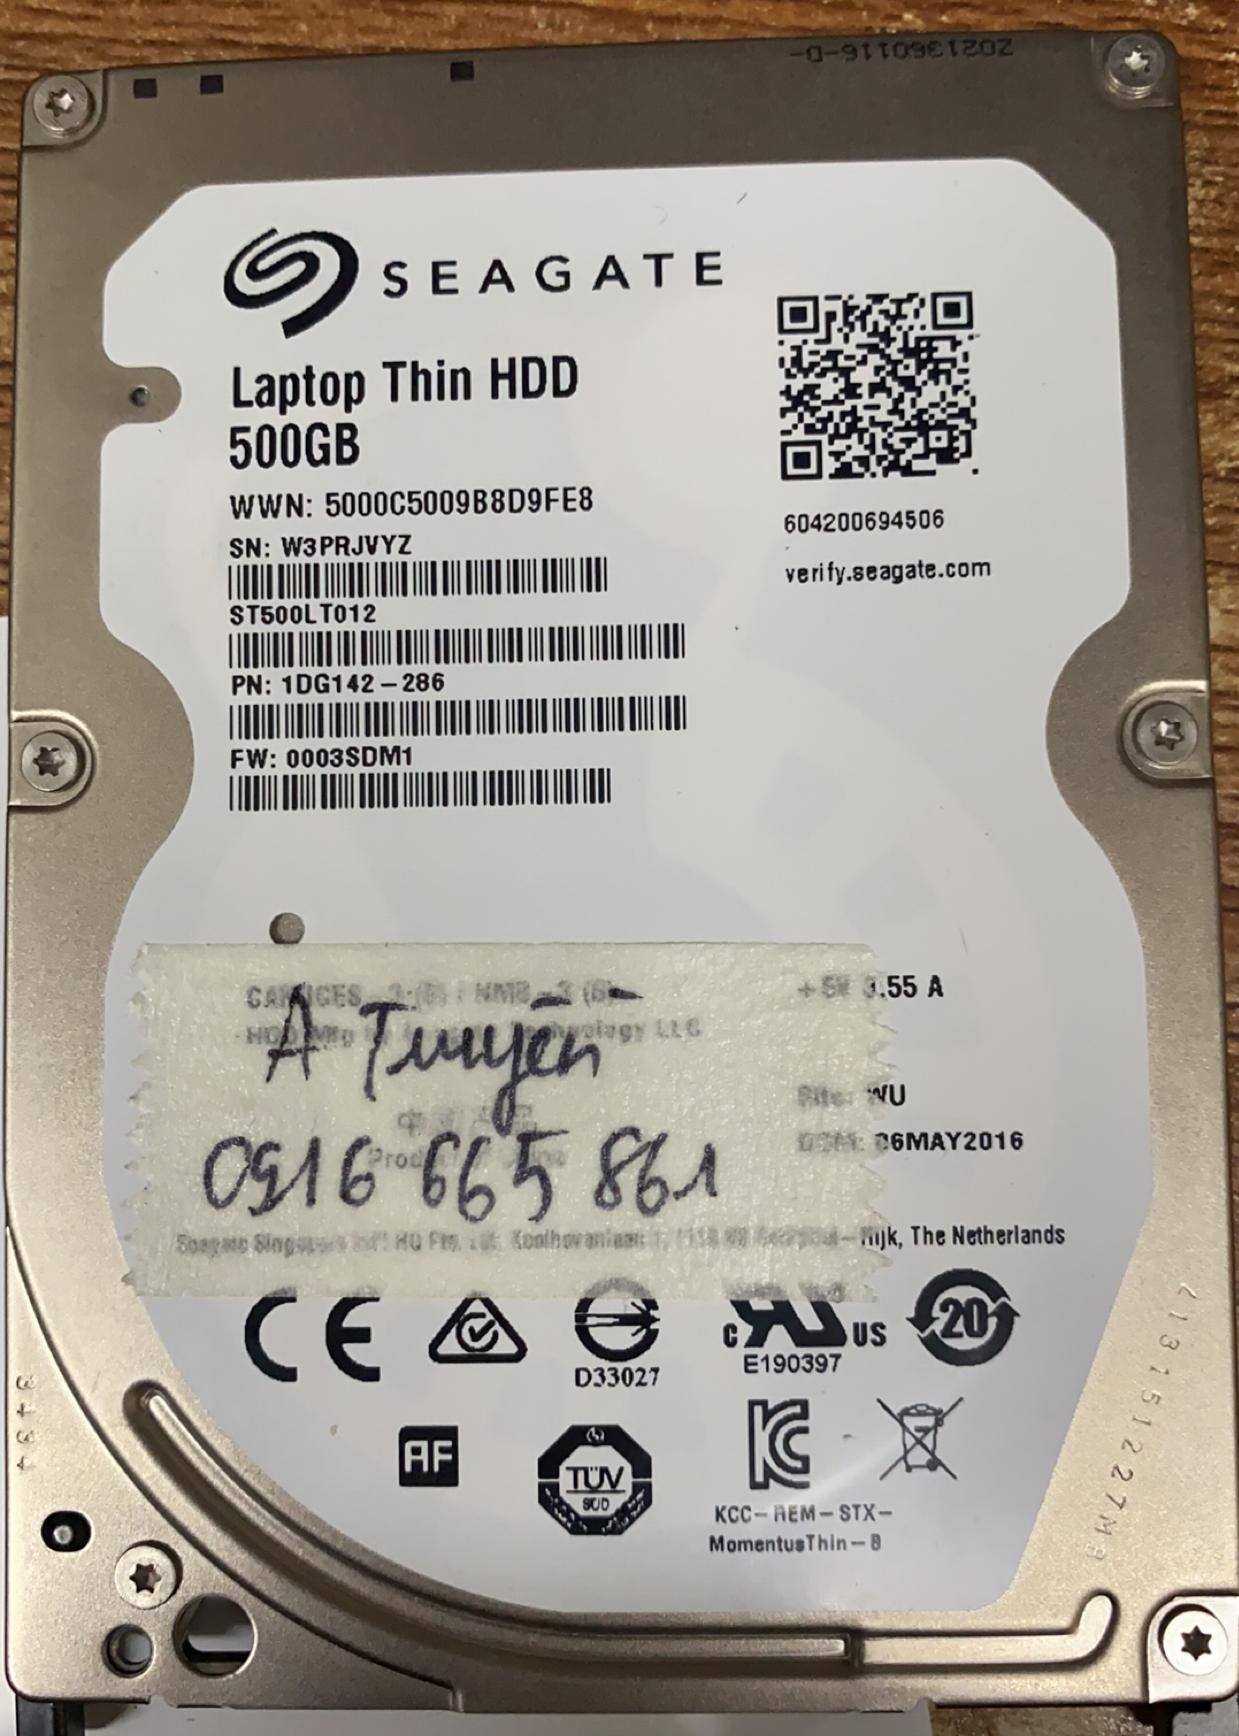 Lấy dữ liệu ổ cứng Seagate 500GB lỗi đầu đọc - 28/12/2020 - cuumaytinh